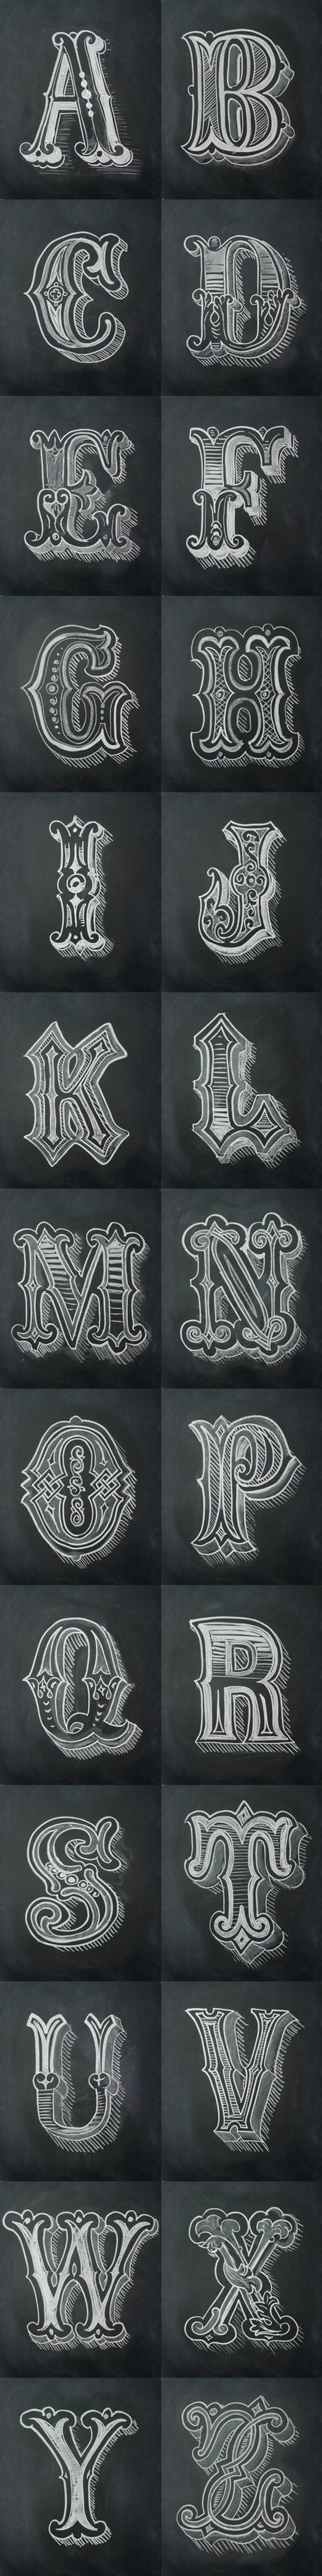 letras para tatuajes, fuente para tatuajes artística, todas las letras del alfabeto, plantilla para tatuaje en blanco y negro